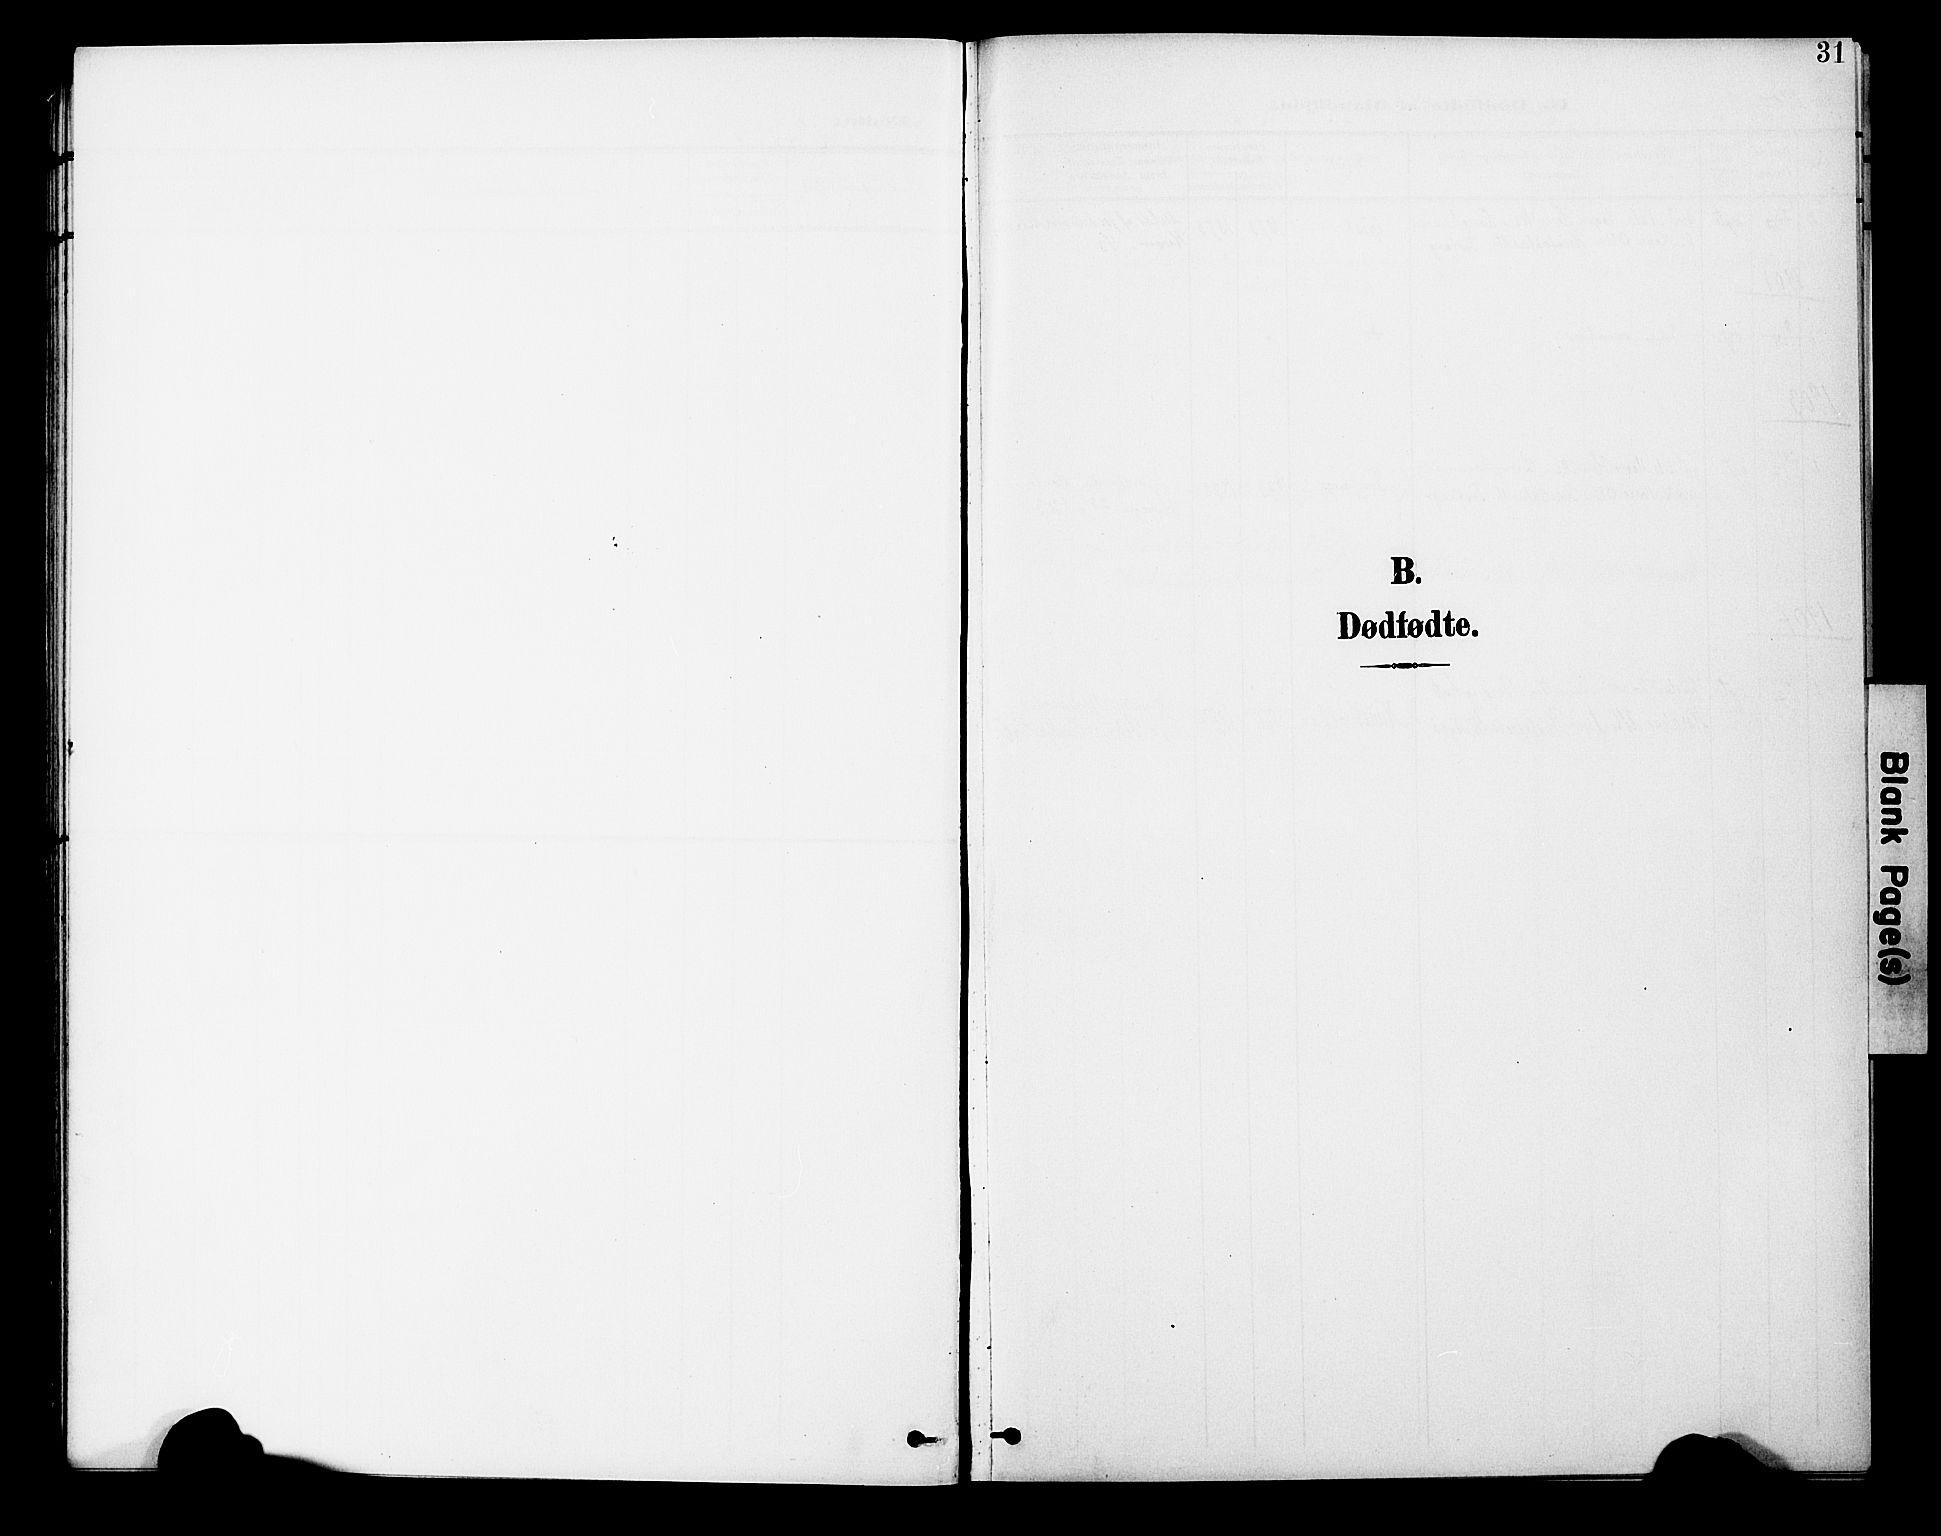 SAT, Ministerialprotokoller, klokkerbøker og fødselsregistre - Nord-Trøndelag, 746/L0452: Ministerialbok nr. 746A09, 1900-1908, s. 31